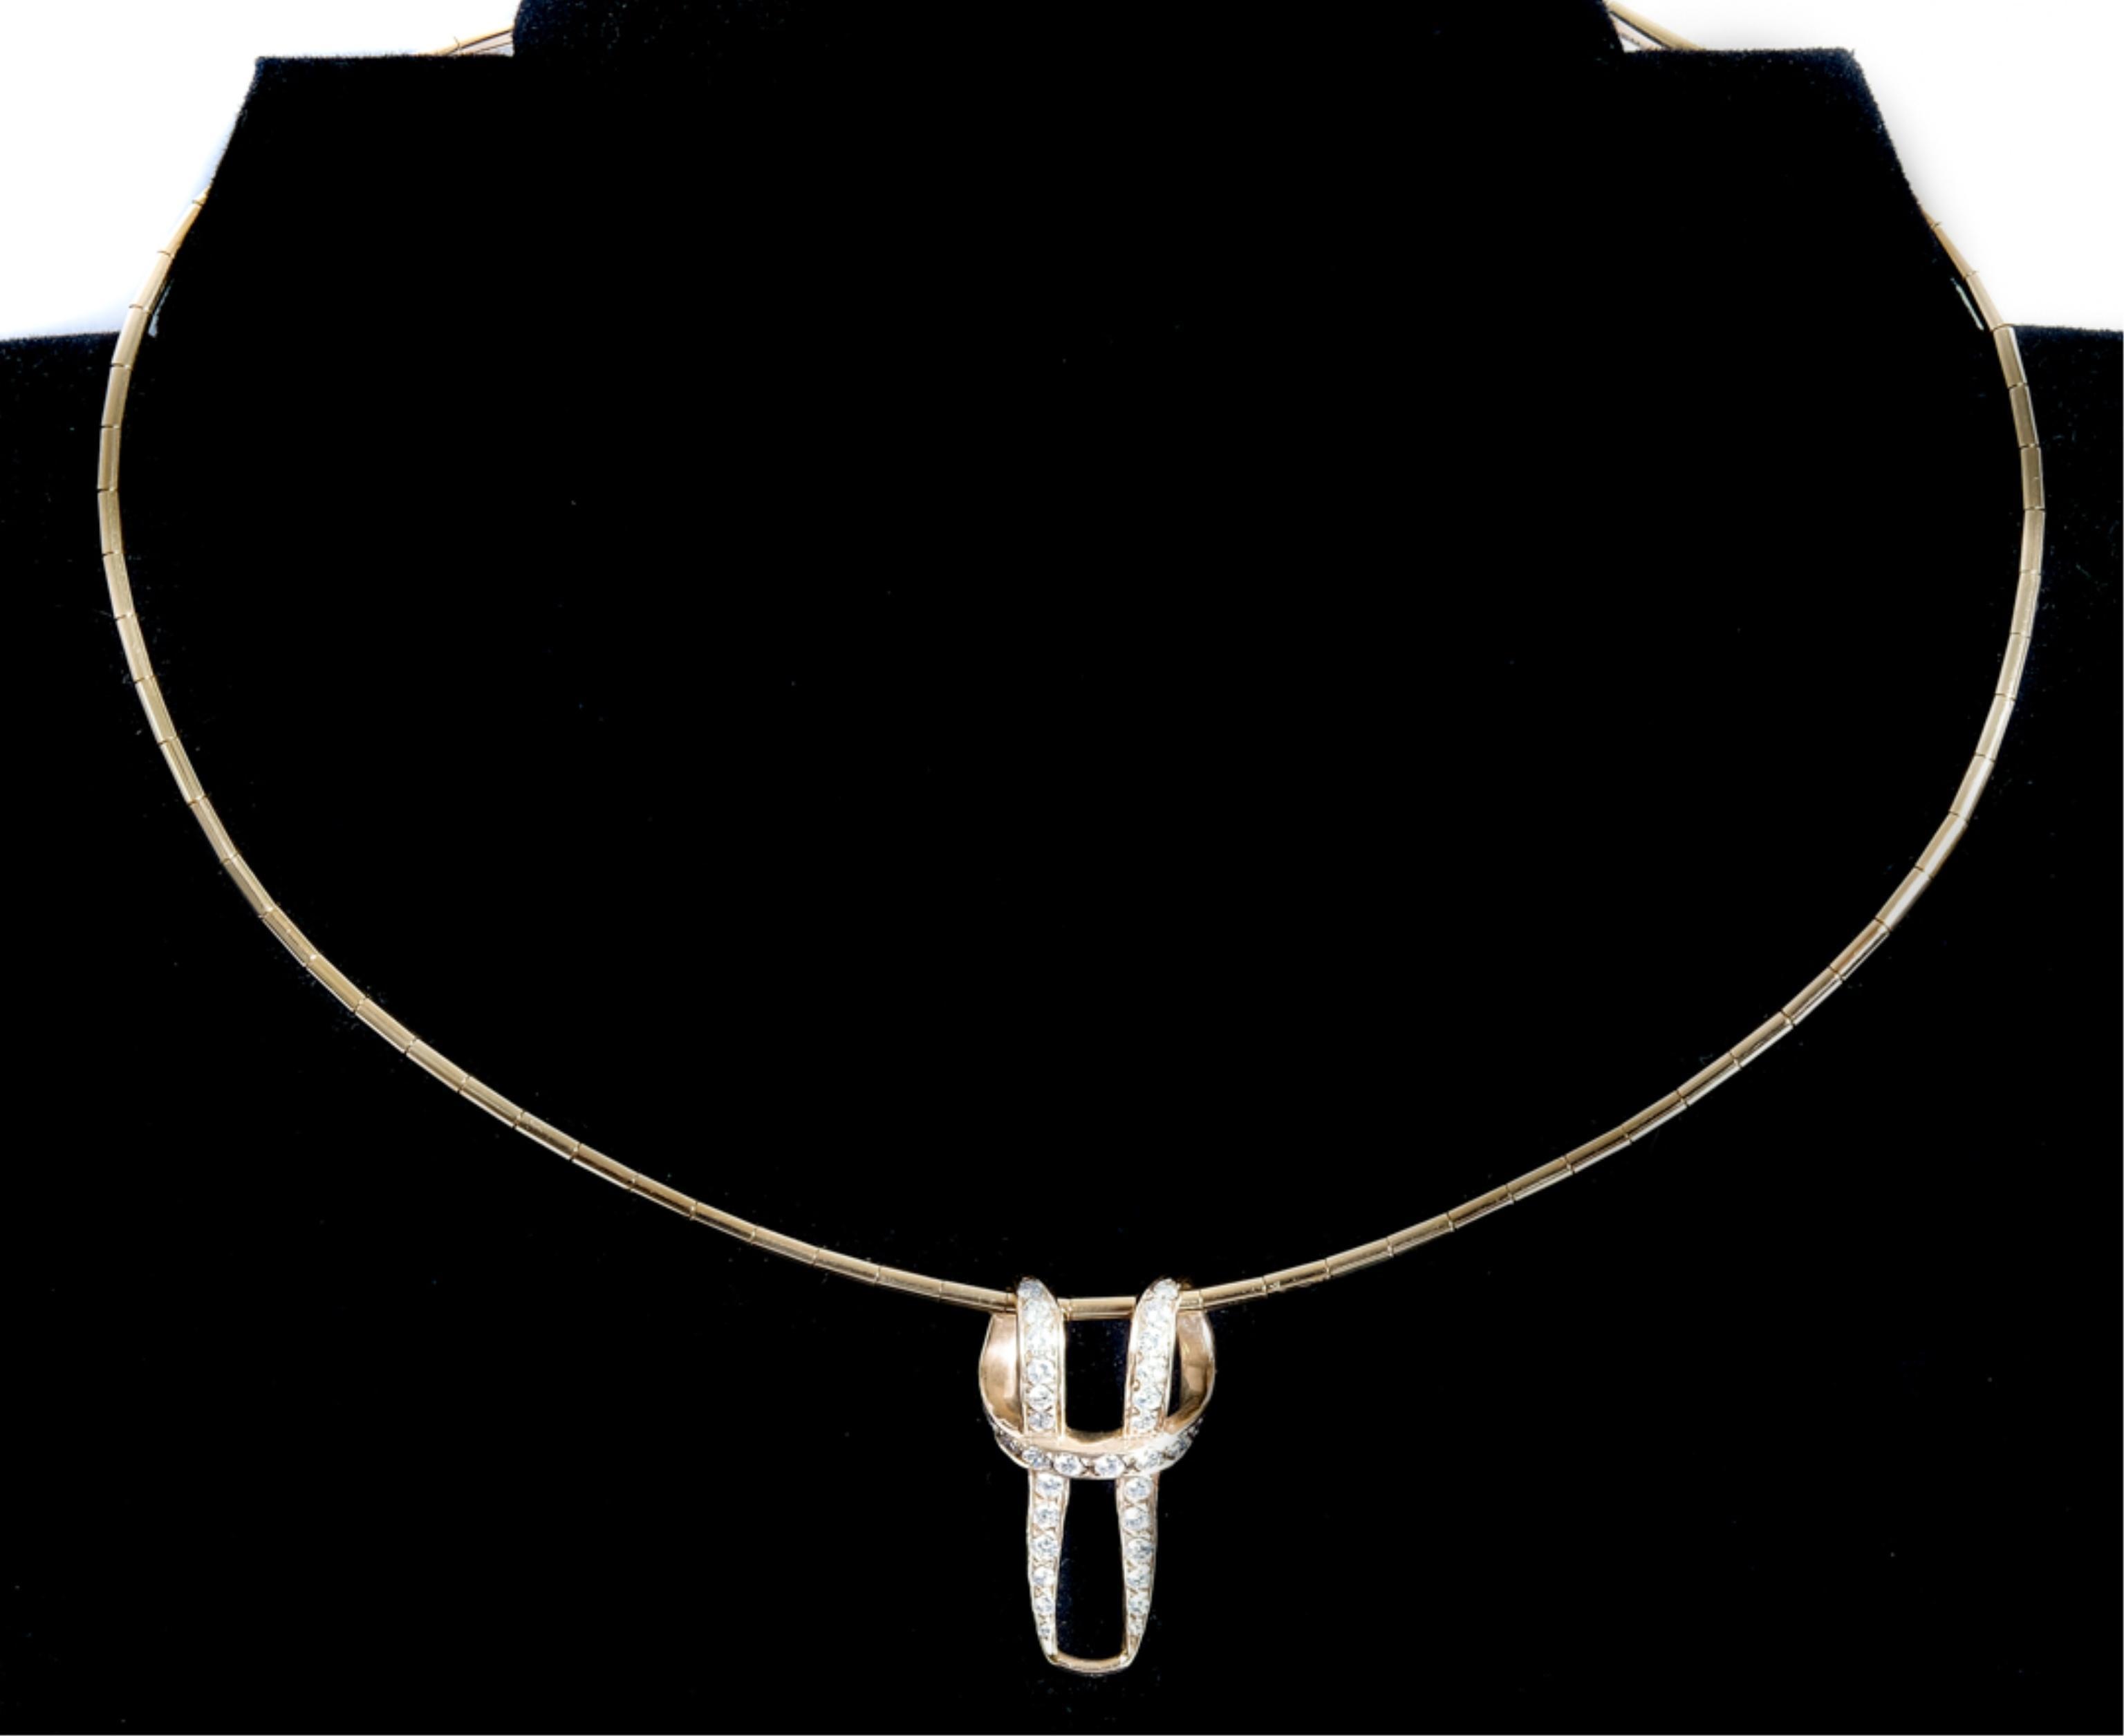 Cartier 18k Omega Necklace w/Diamond Pendant